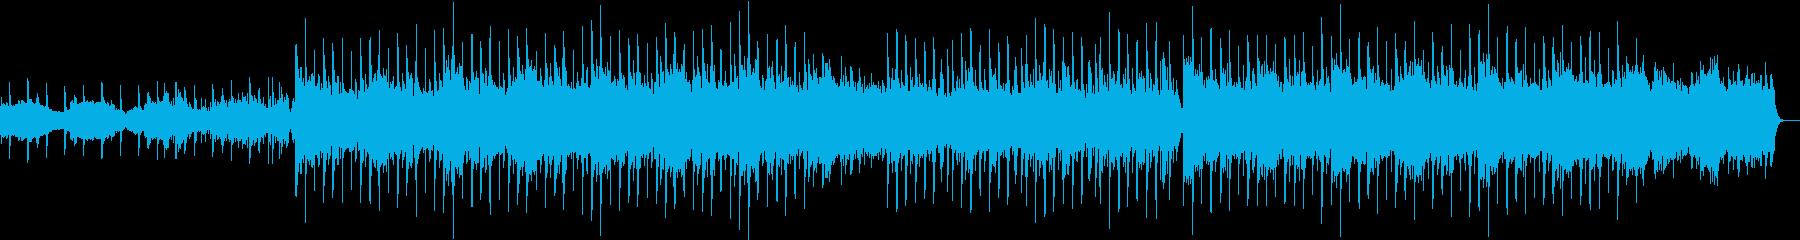 ぼんやりとしたい時のしっとりとしたBGMの再生済みの波形